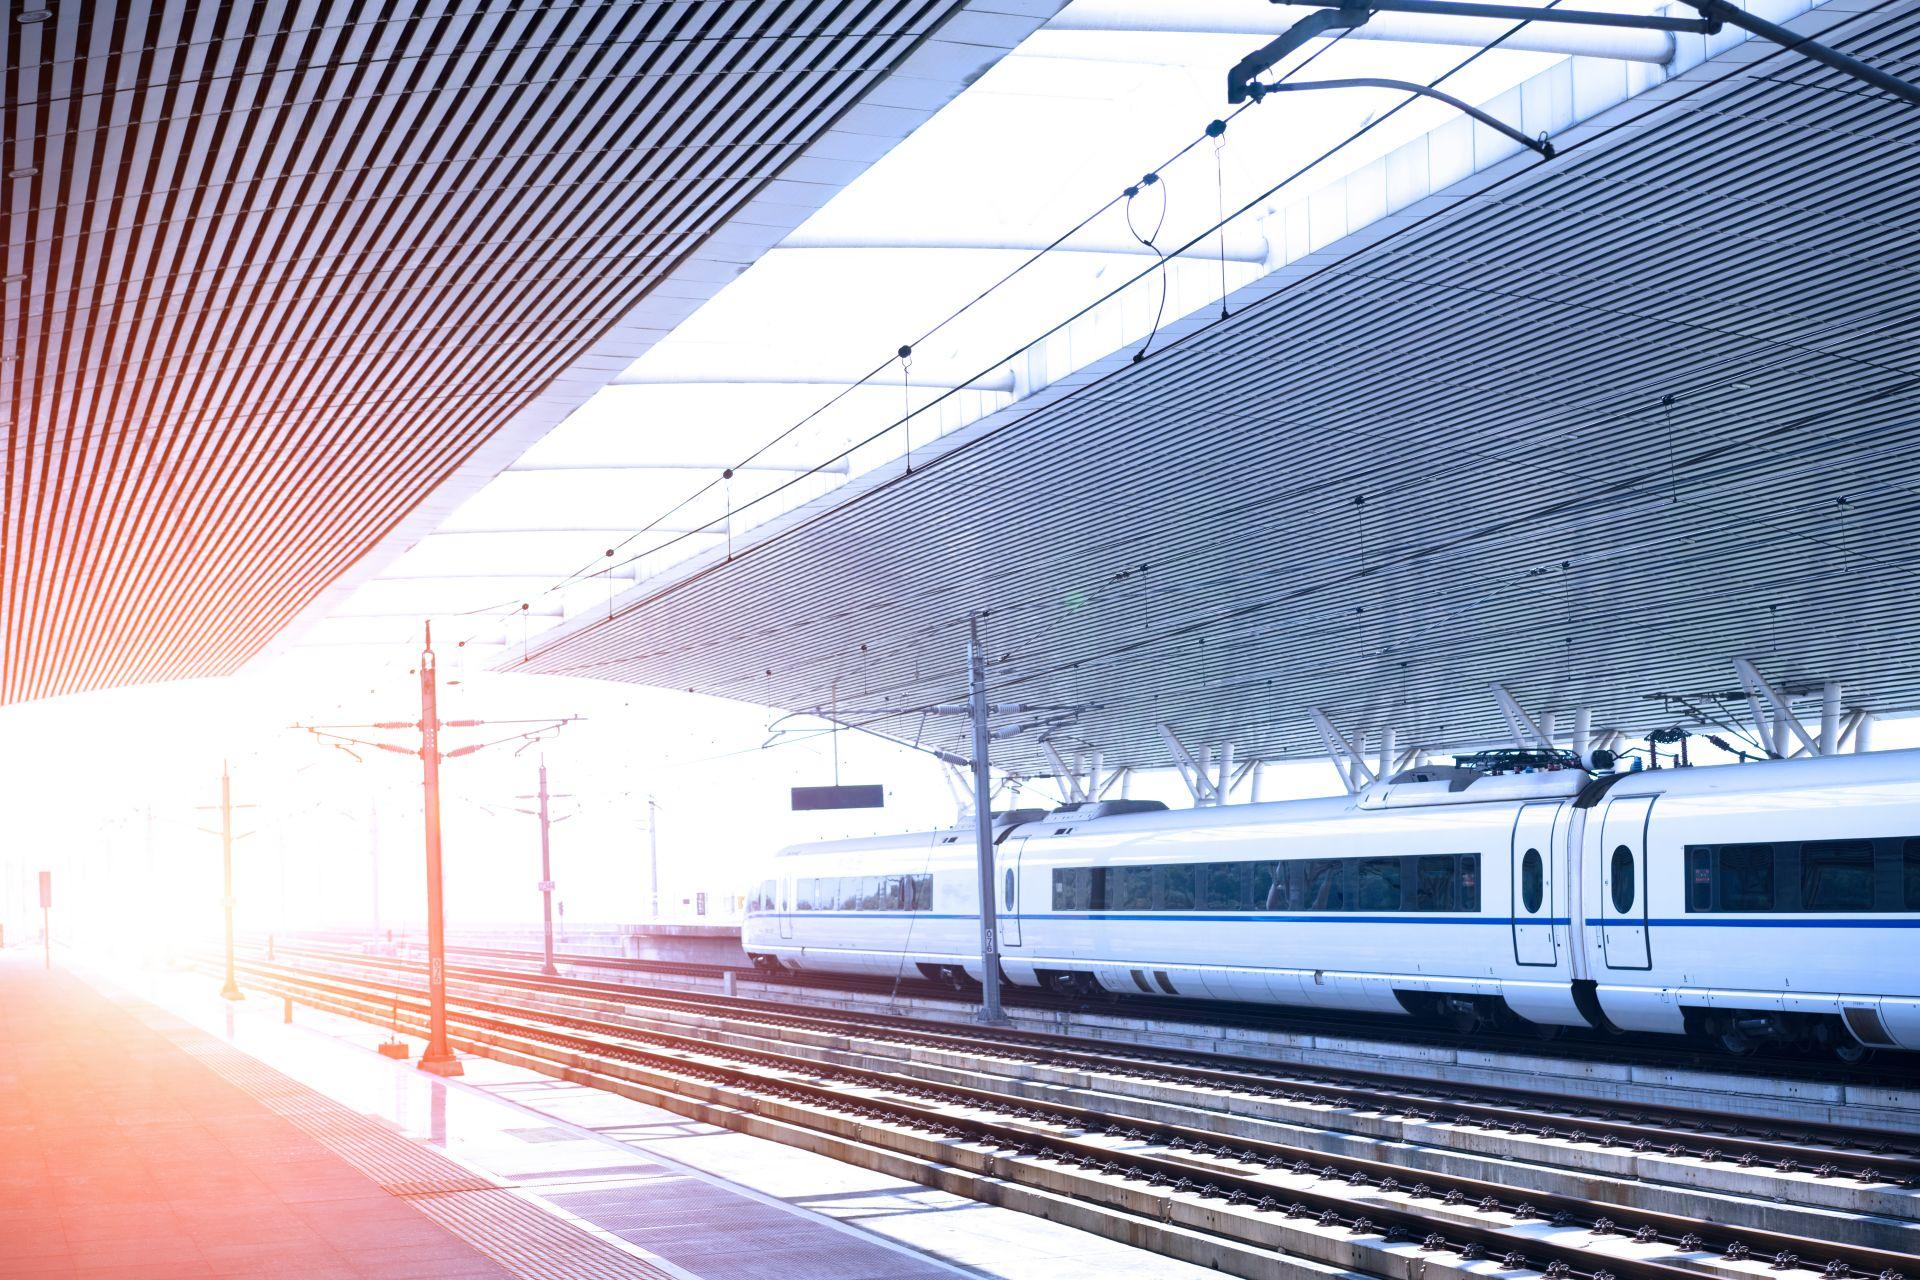 Rámcový návrh cestovného poriadku ŽSR (GVD) pre obdobie 2020/2021